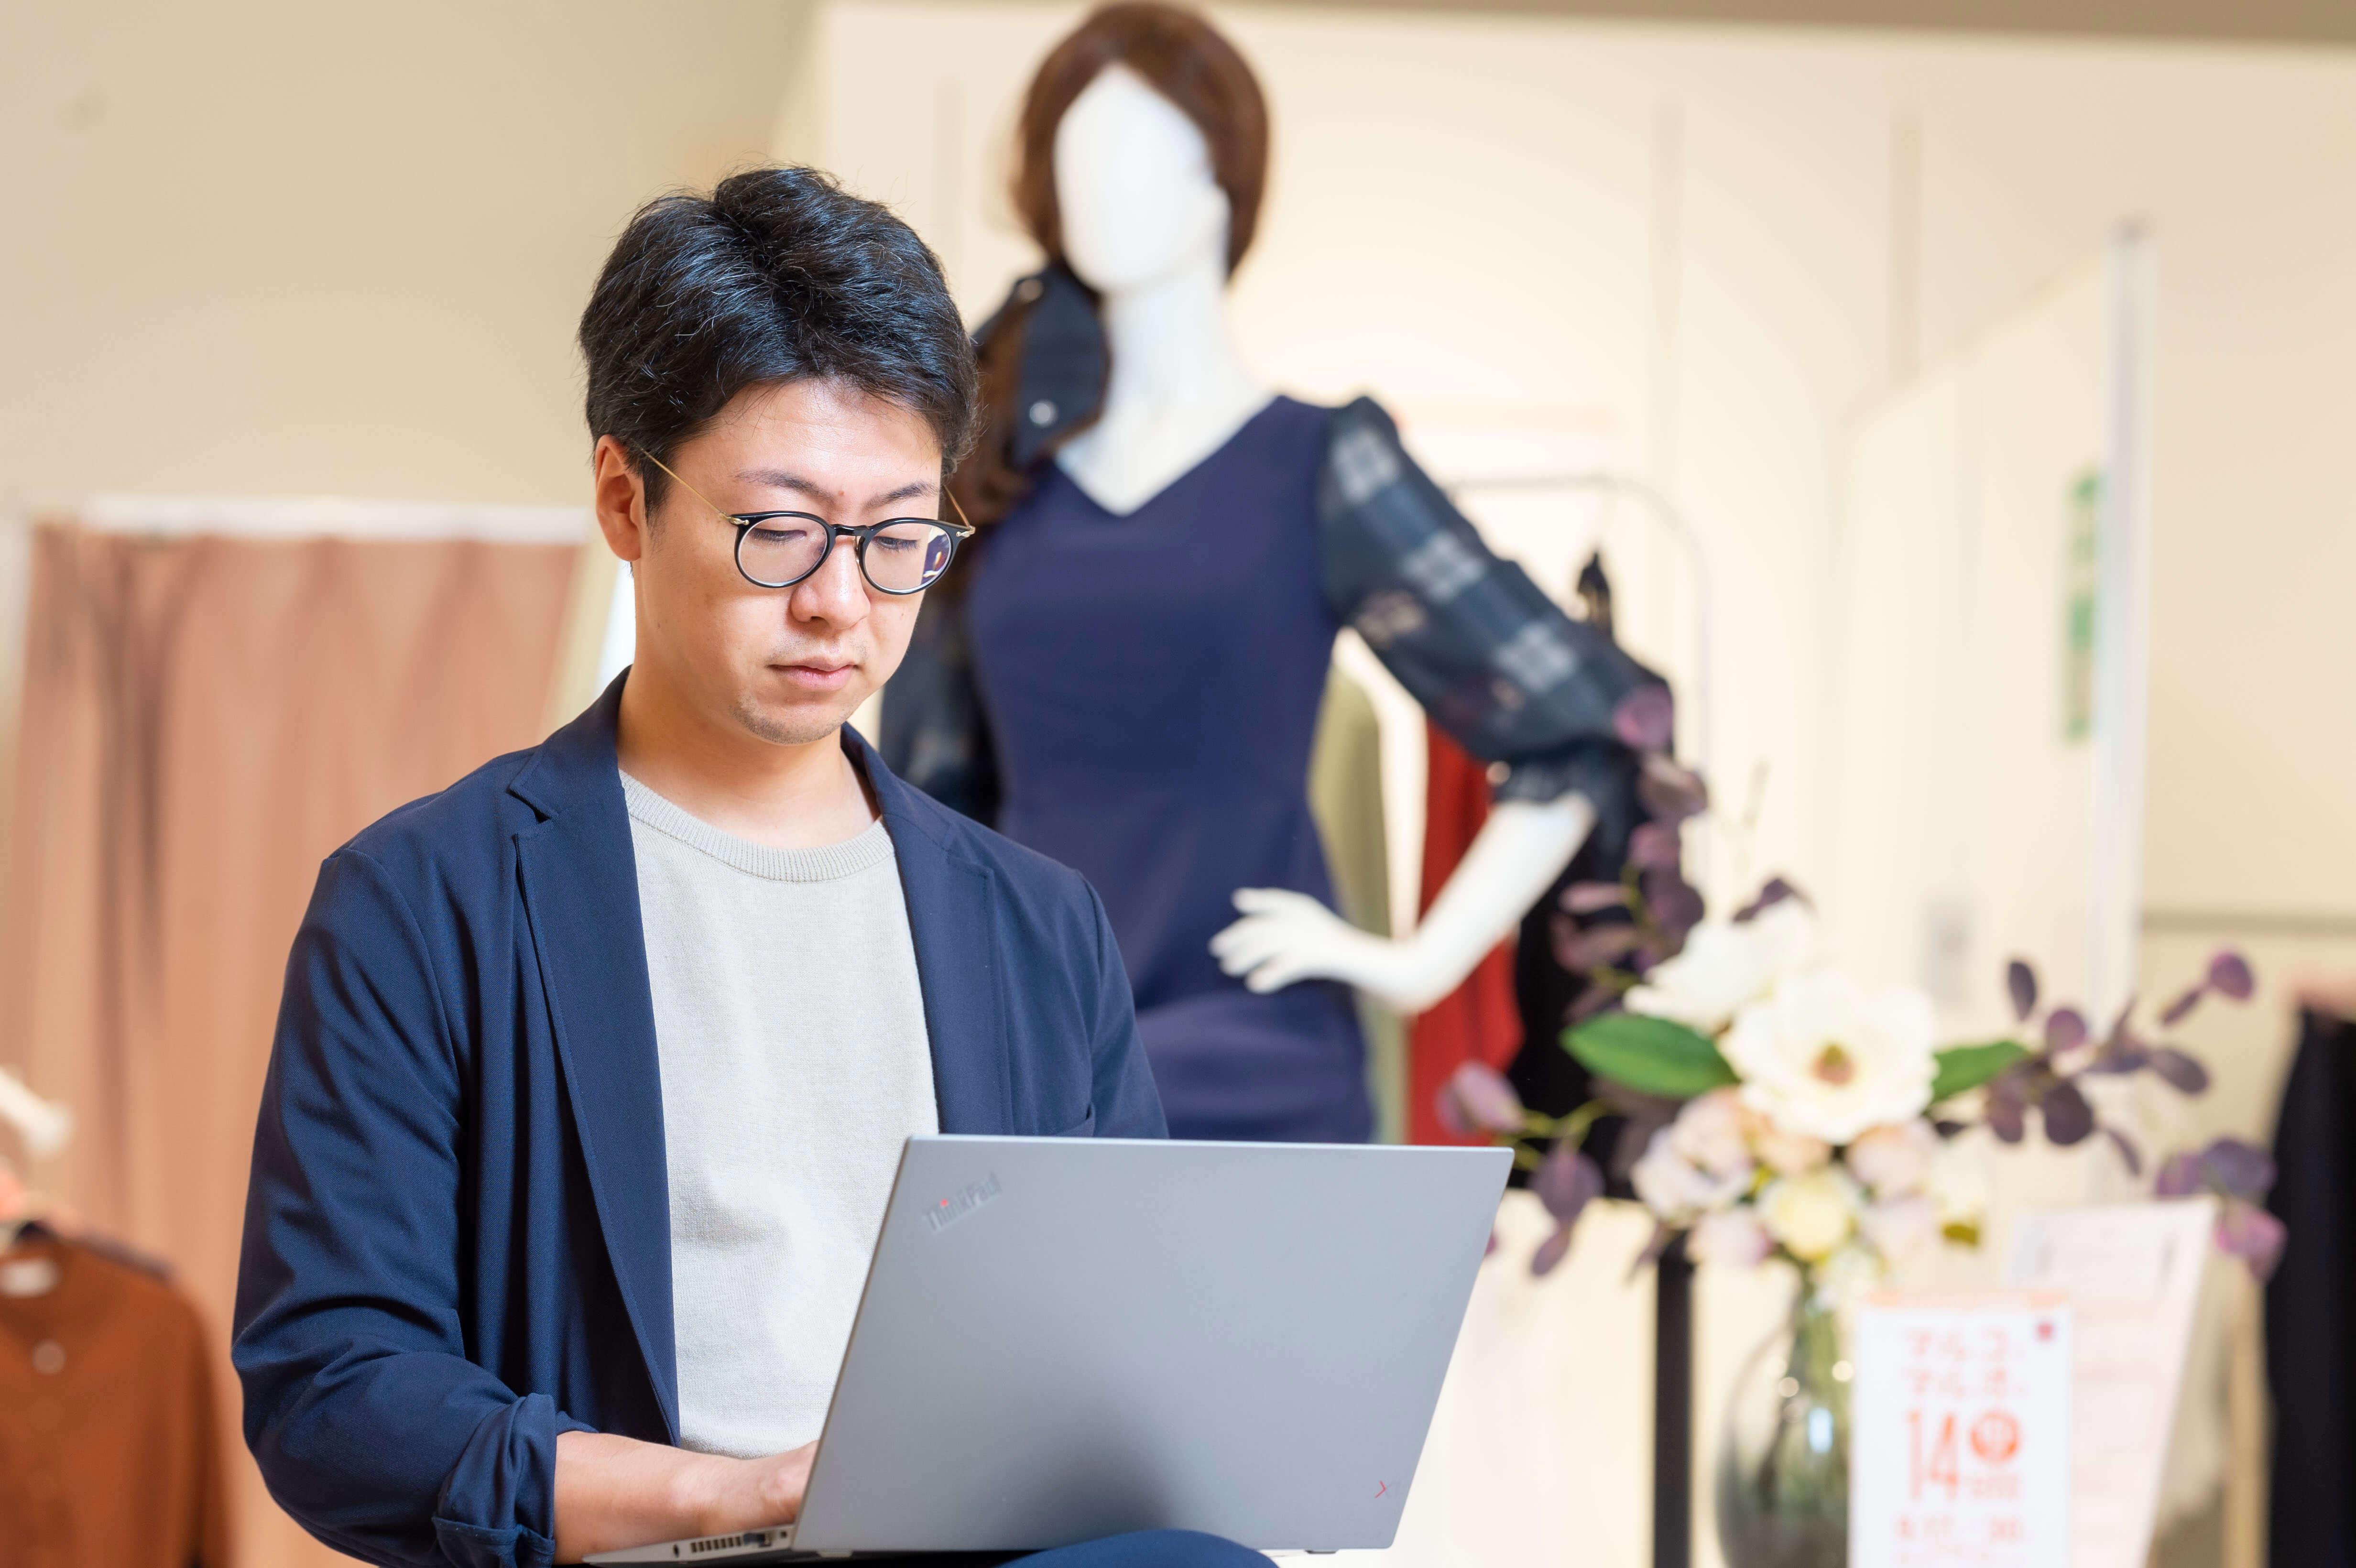 Webマーケター|ファッションD2CブランドのWebマーケをお任せします!のカバー写真